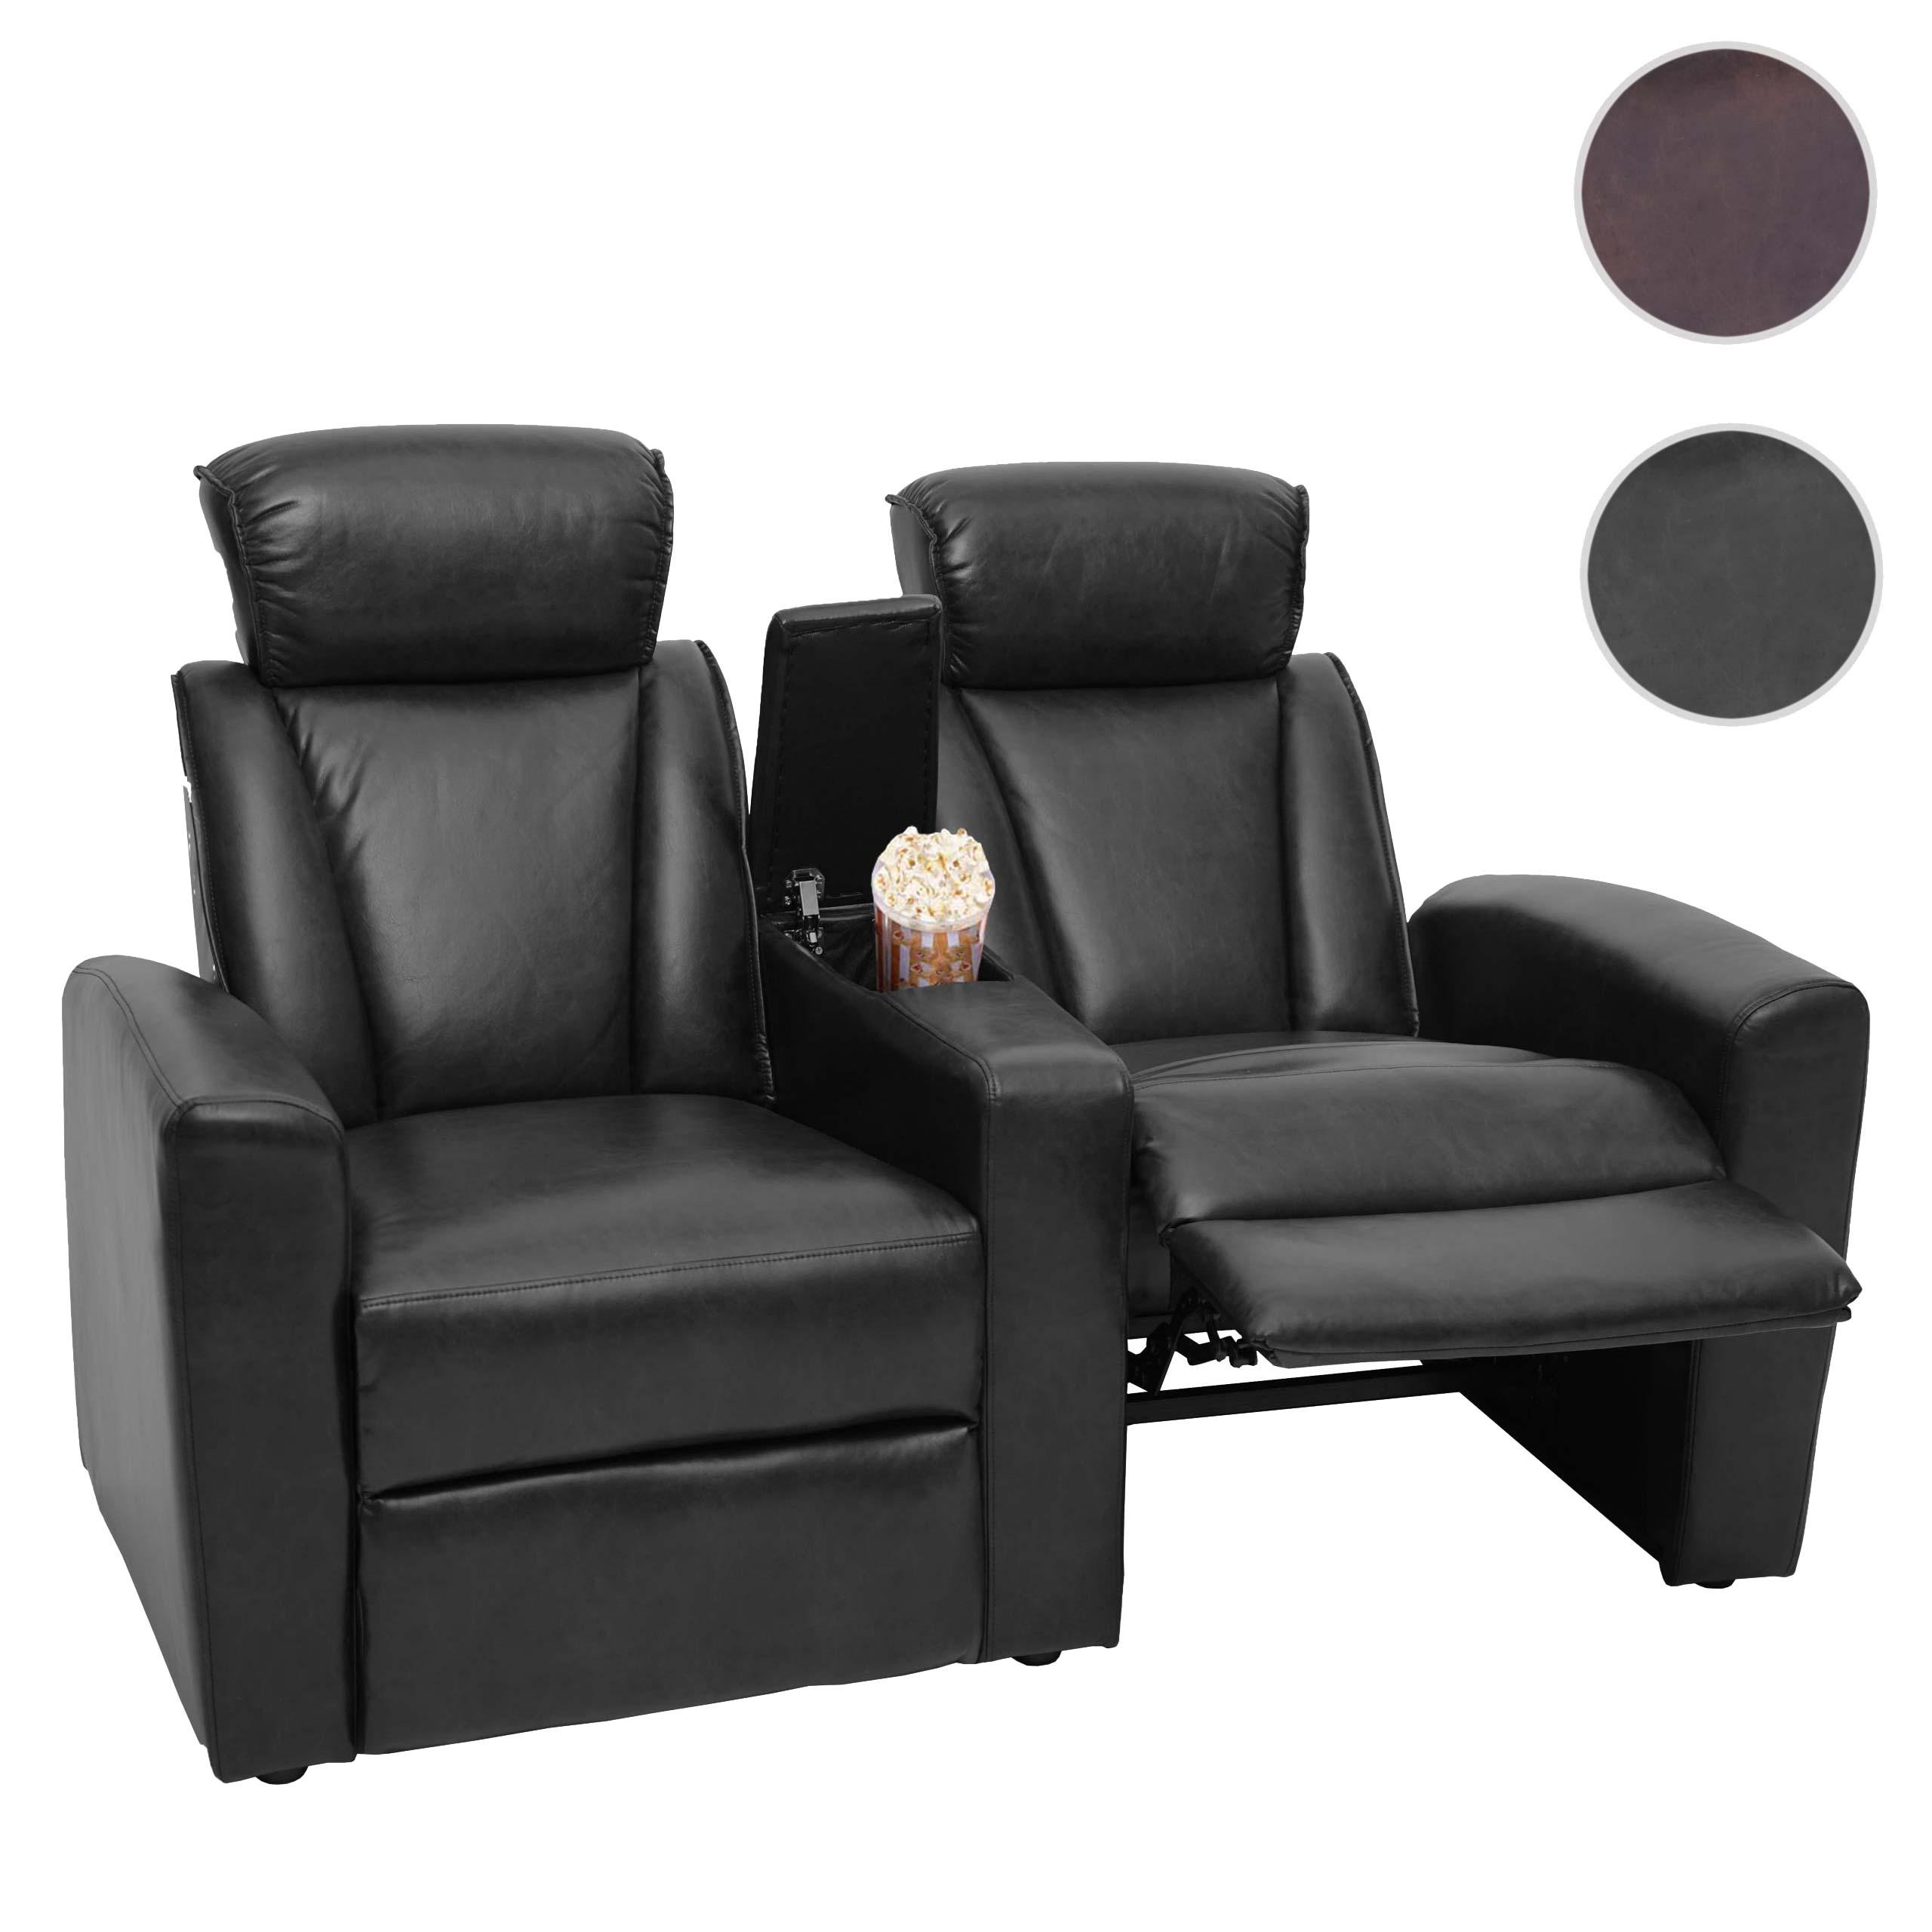 Mendler 2er Kinosessel HWC-H30, Relaxsessel Fernsehsessel Zweisitzer Sofa, Fach Getränkehalter Soft Touch Ku 72835+72836+72837